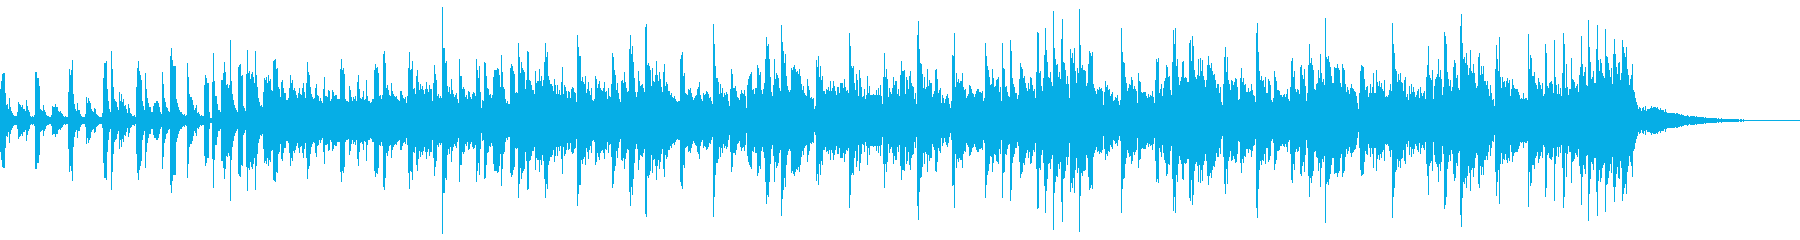 ホーンショットとラテン語アクセント...の再生済みの波形